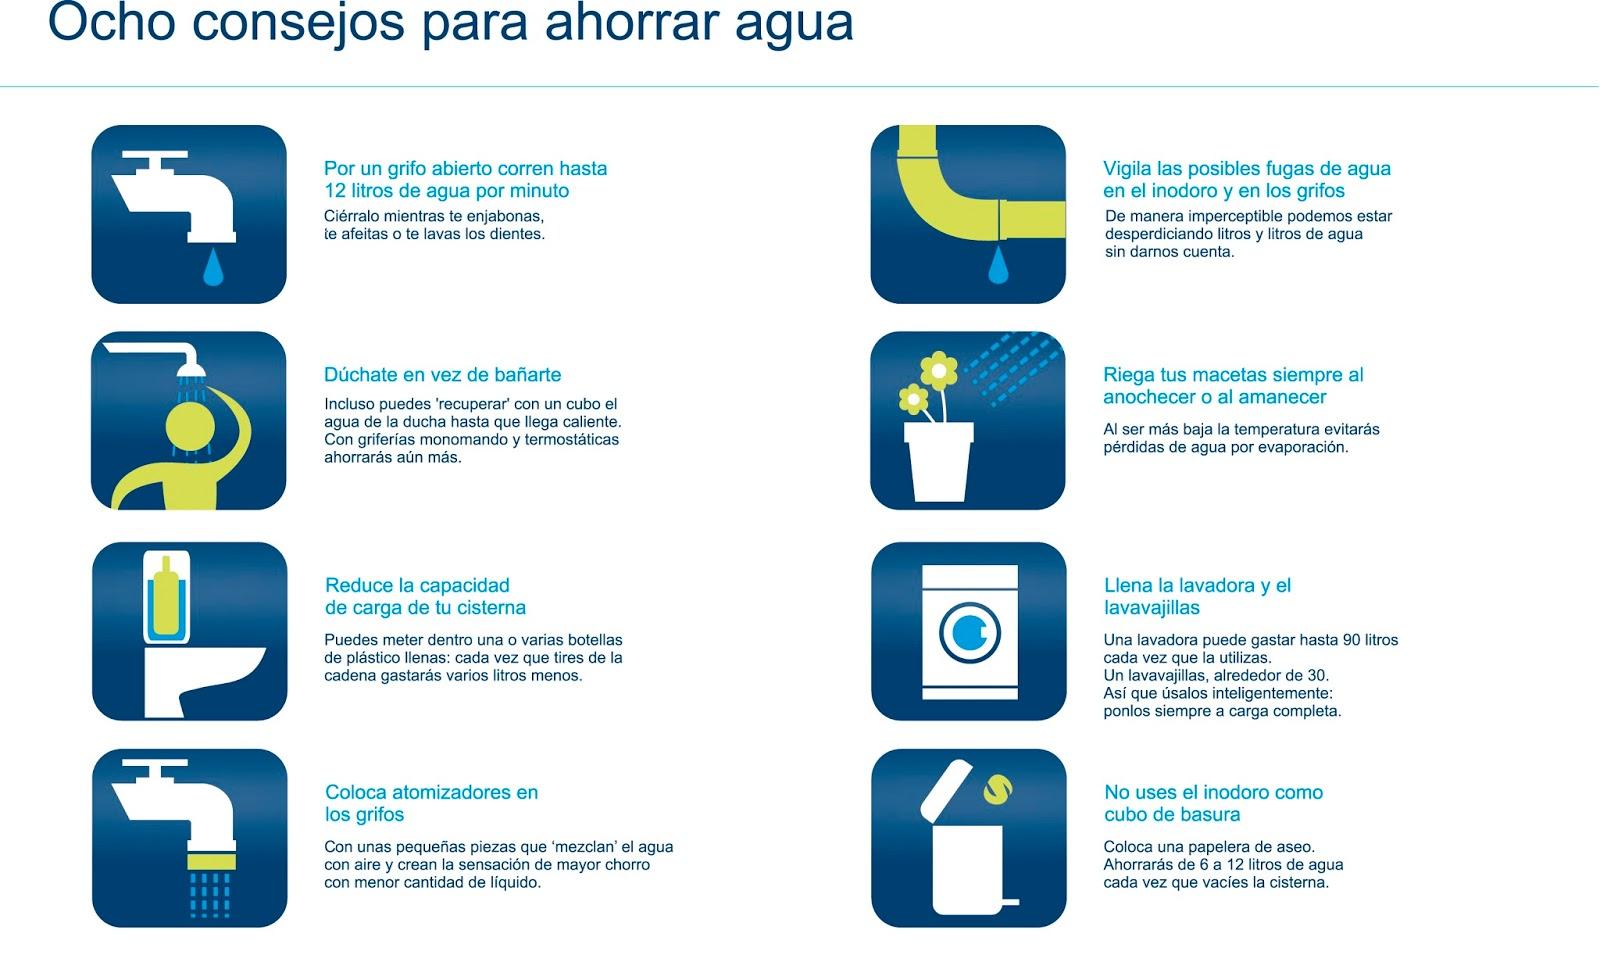 Maestro plomero puerto rico for Maneras para ahorrar agua